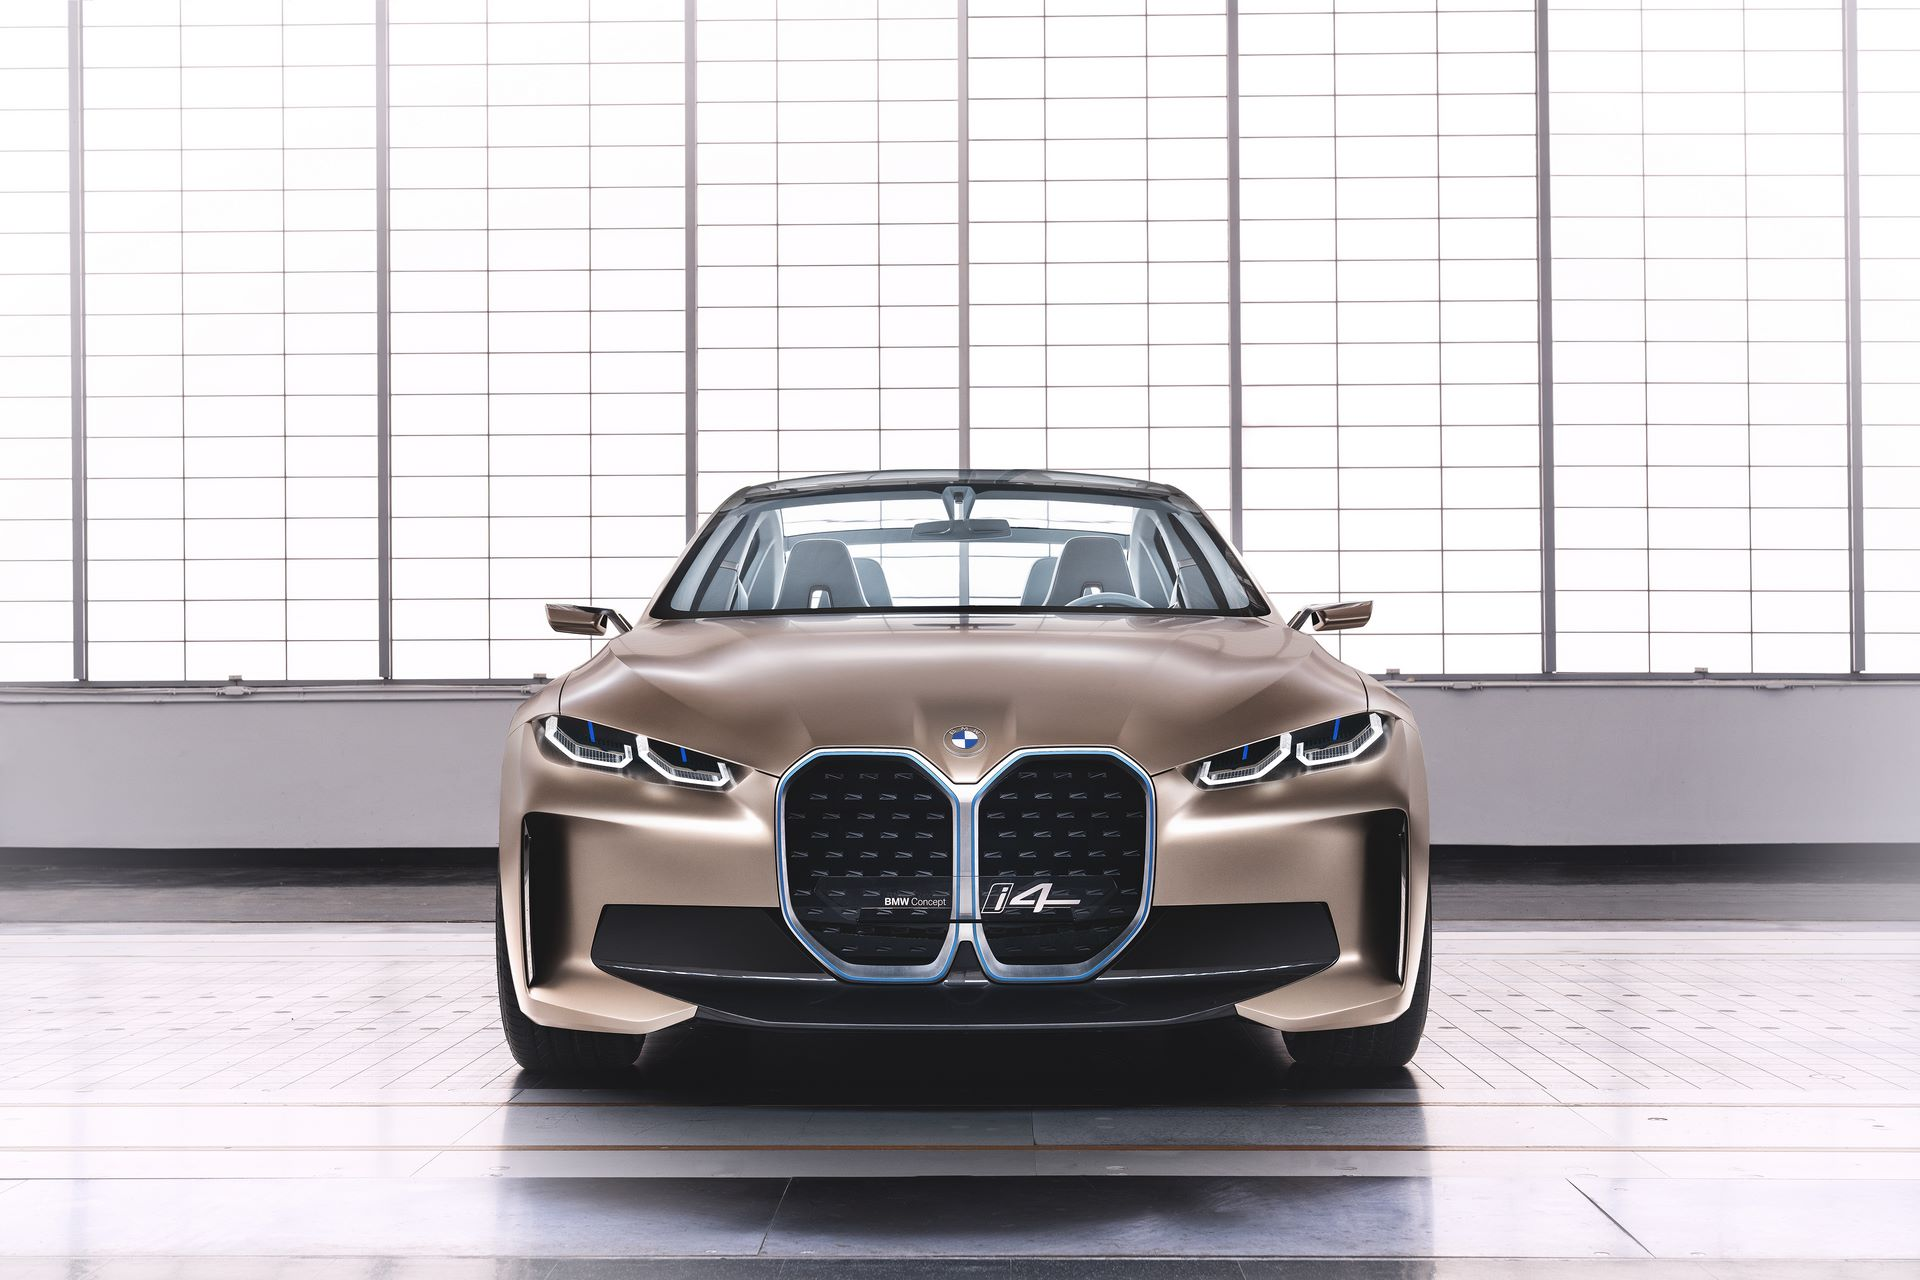 BMW-i4-concept-25